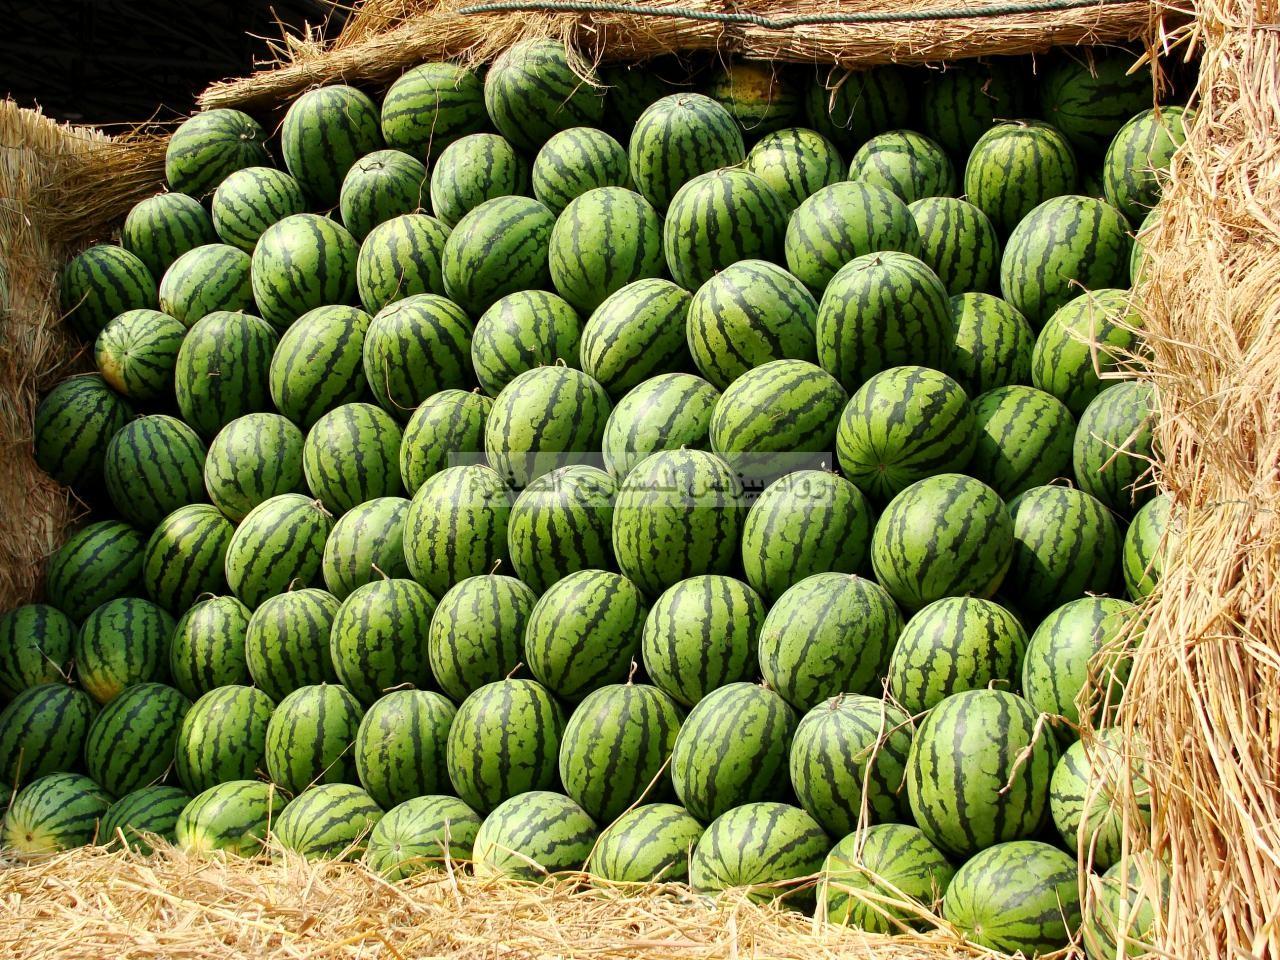 مشروع زراعة البطيخ في السعودية خطوات تفصيليه